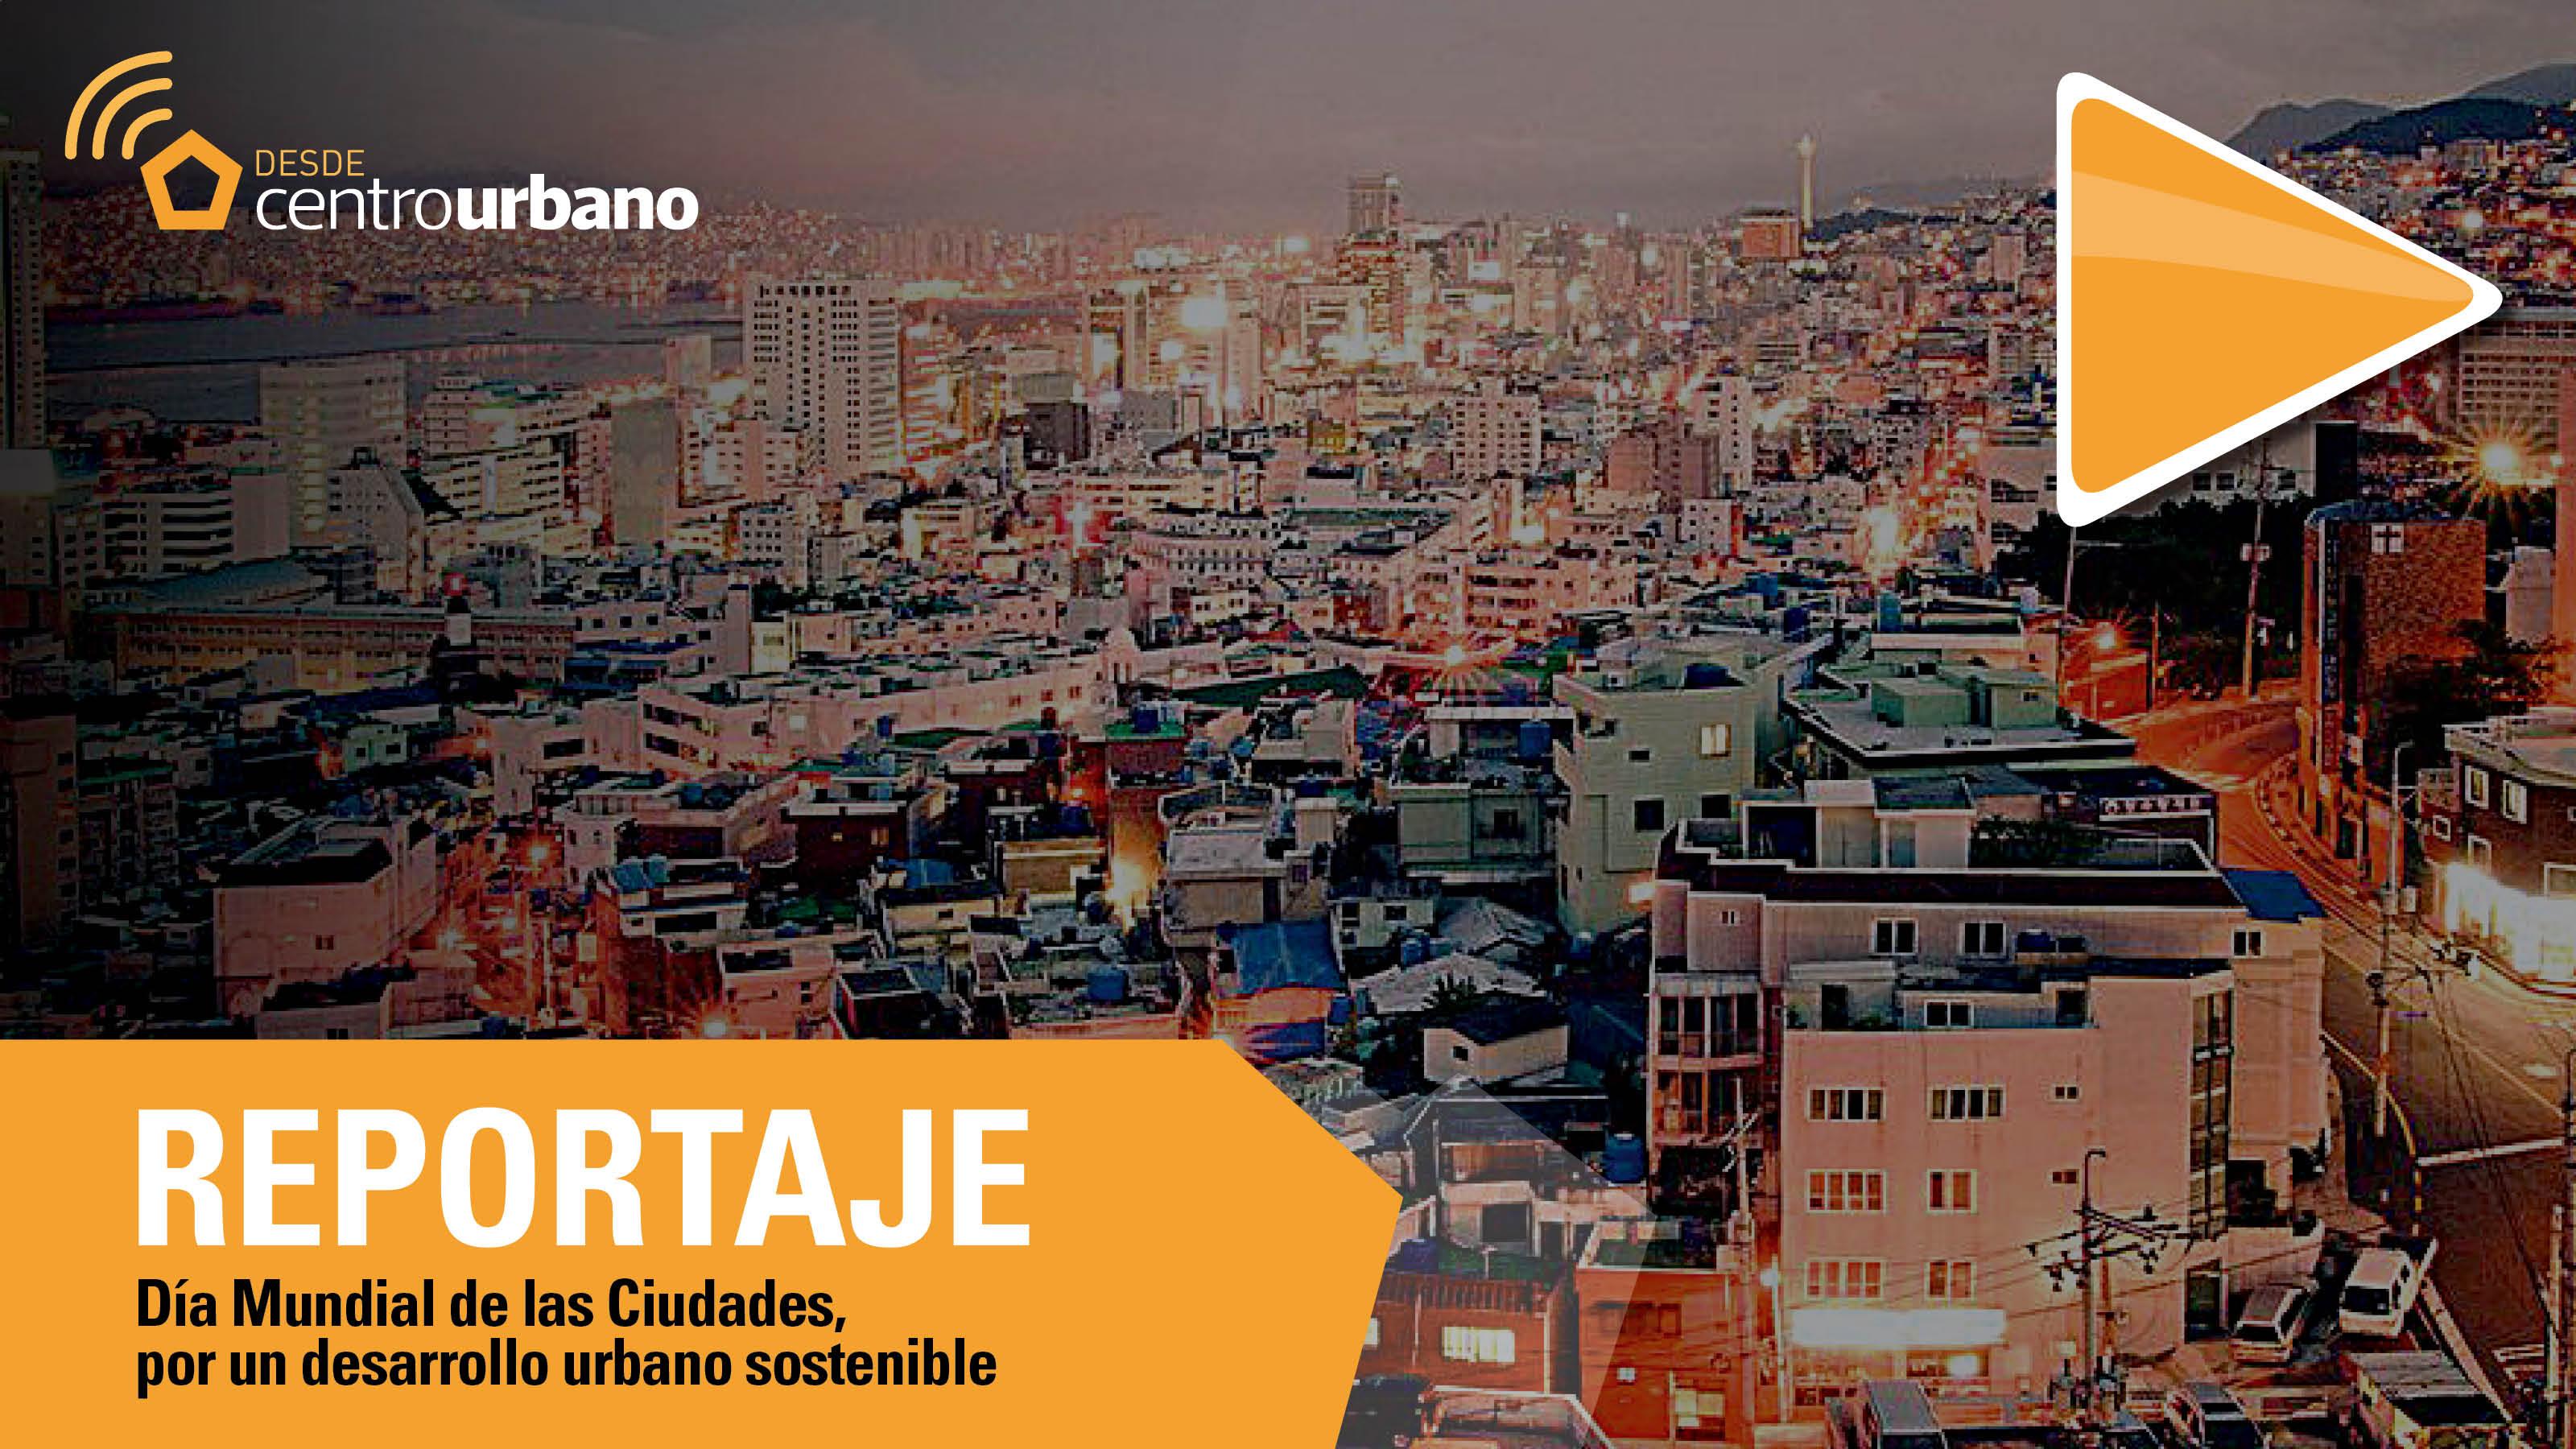 ▶️ Video | Día Mundial de las Ciudades, por un desarrollo urbano sostenible